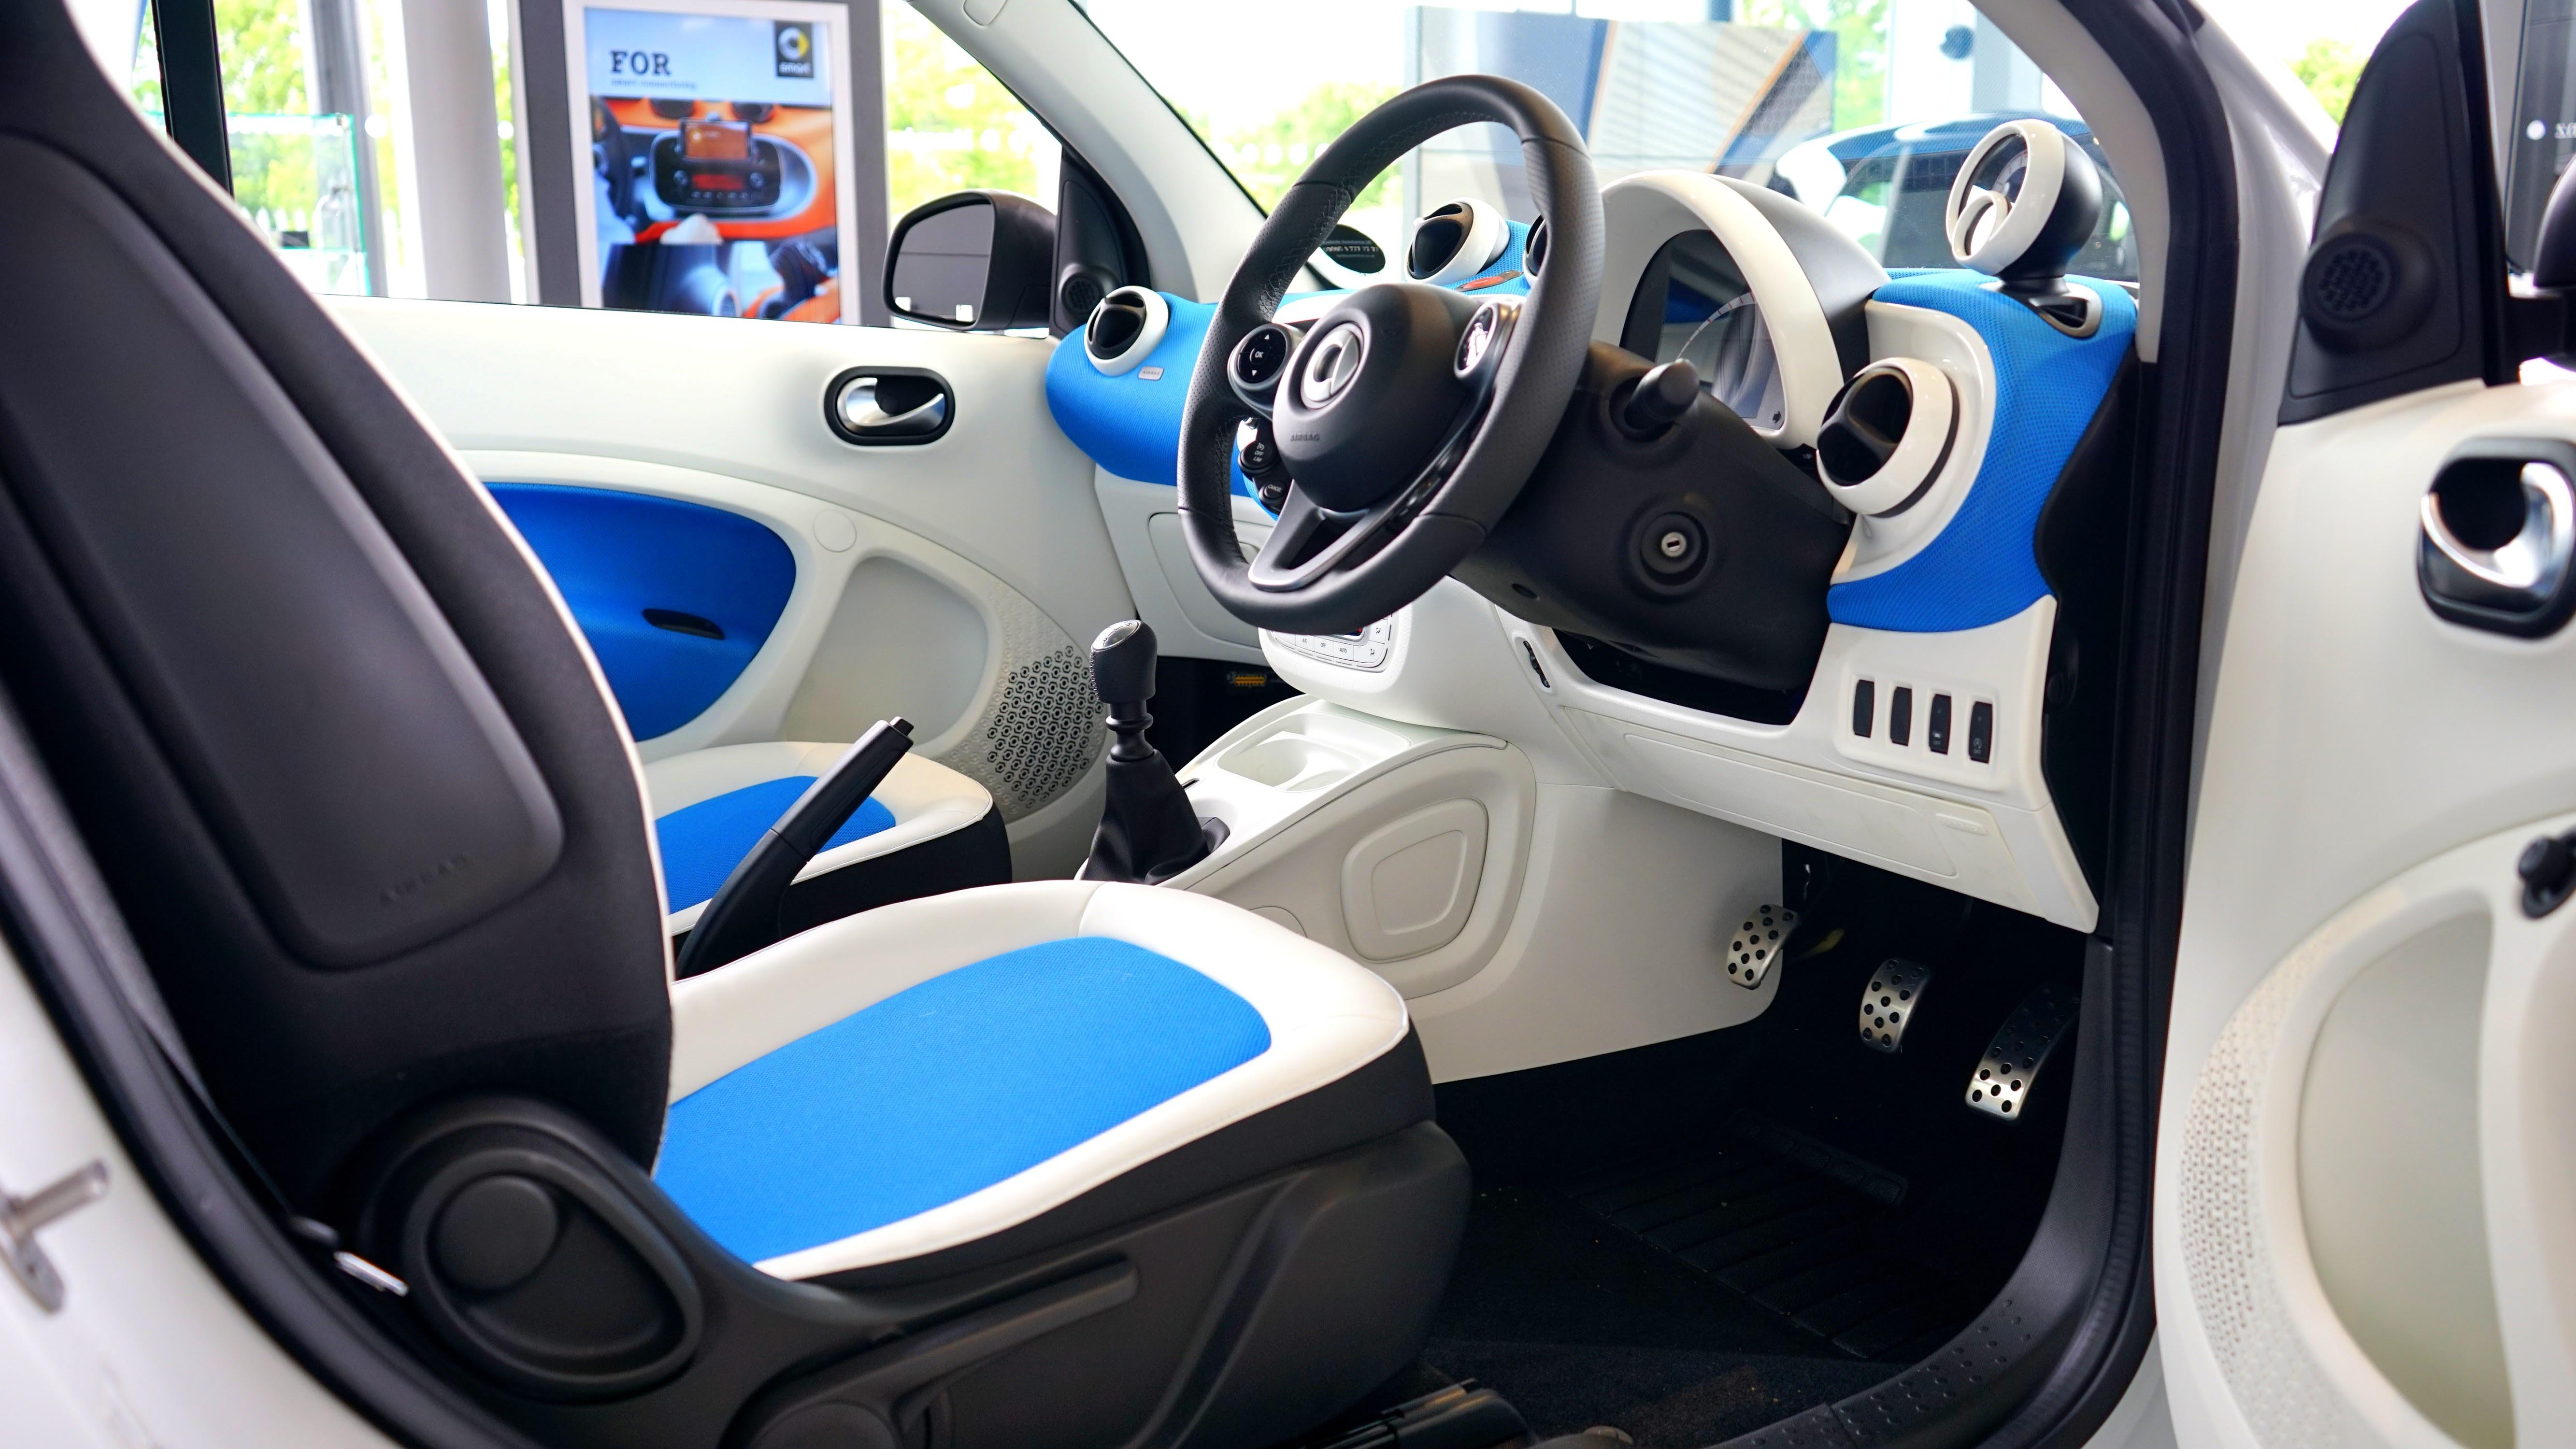 Gambar Roda Pedalaman Mengangkut Peralatan Biru Setir Mobil Dash Board Panggil Kokpit Interior Fiat 500 Kemewahan Desain Pelek Kontrol Navigasi Gaya City Car Dashboard Kendaraan Darat